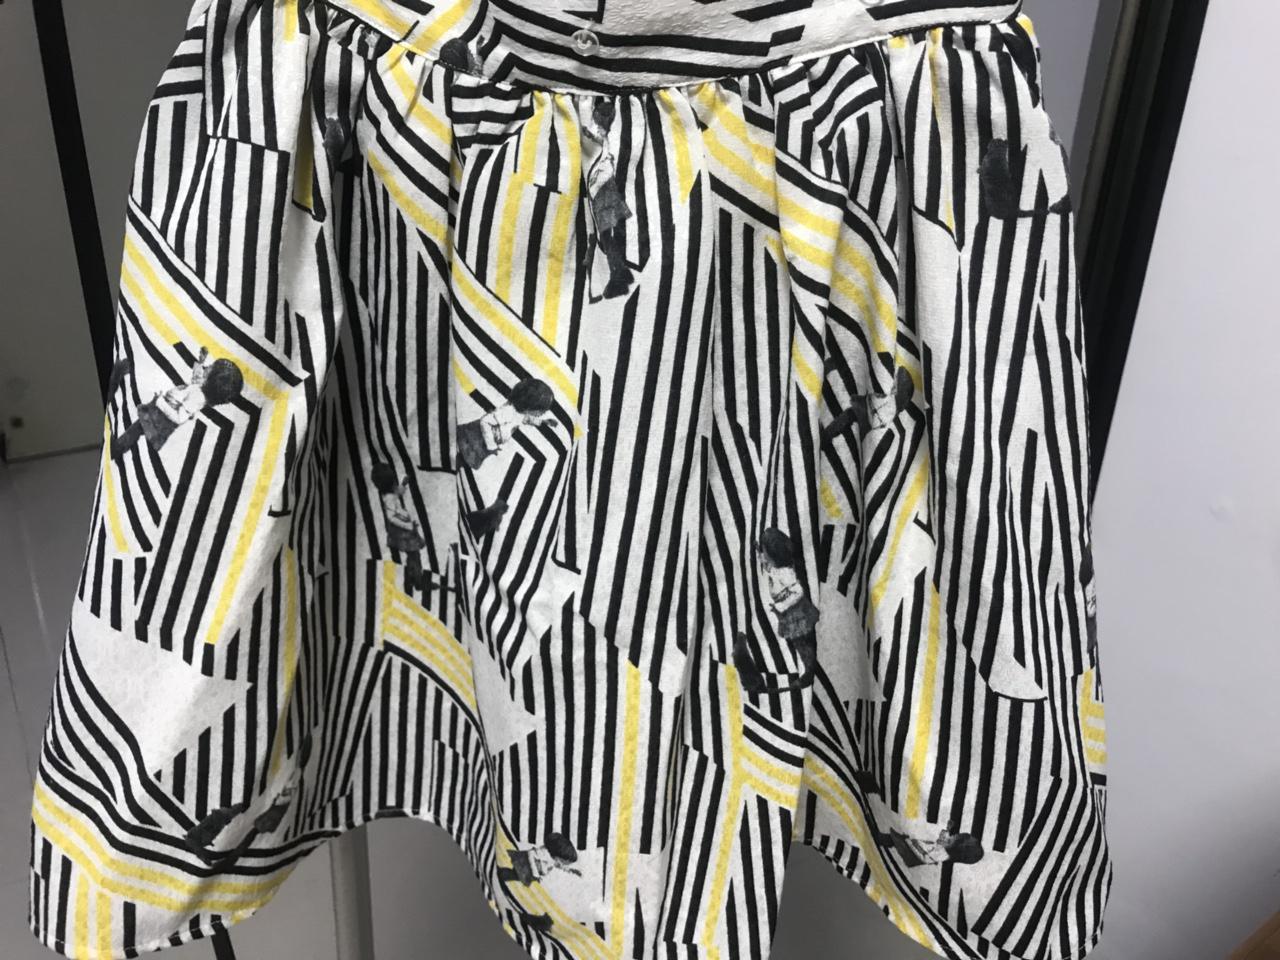 乐町正品 155 码清新短裙,原价 239,现价 40 包邮,未过膝,9 成新。赠送配套的小短袖(为...